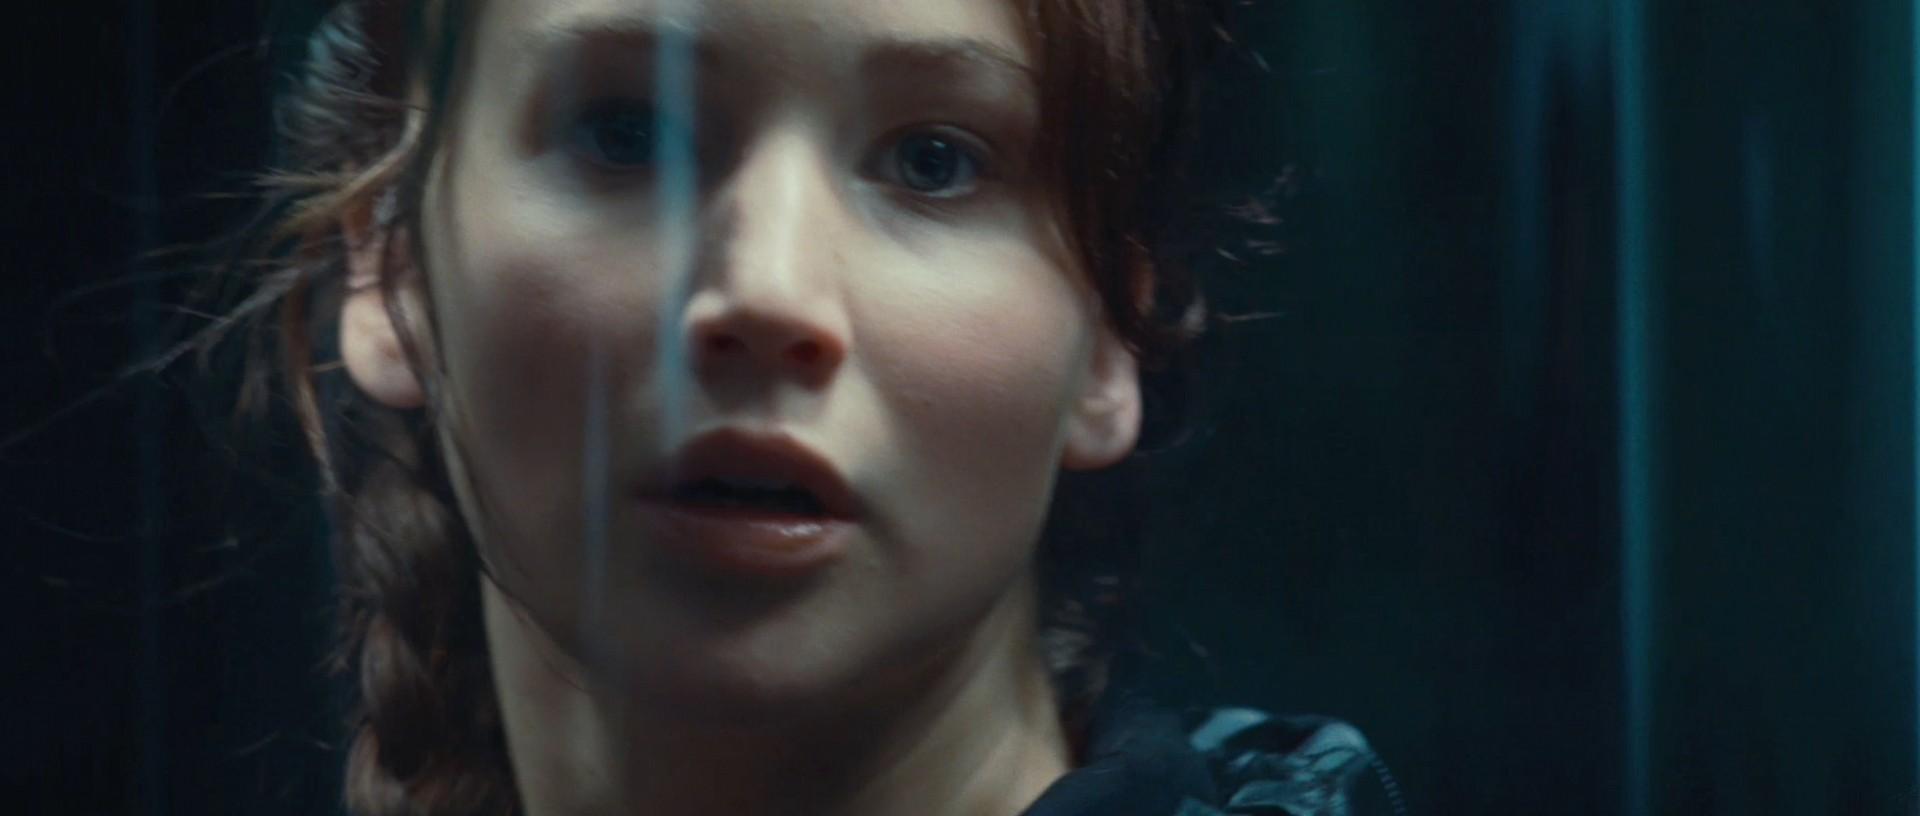 Katniss Everdeen - Katniss Everdeen Photo (31153015) - Fanpop